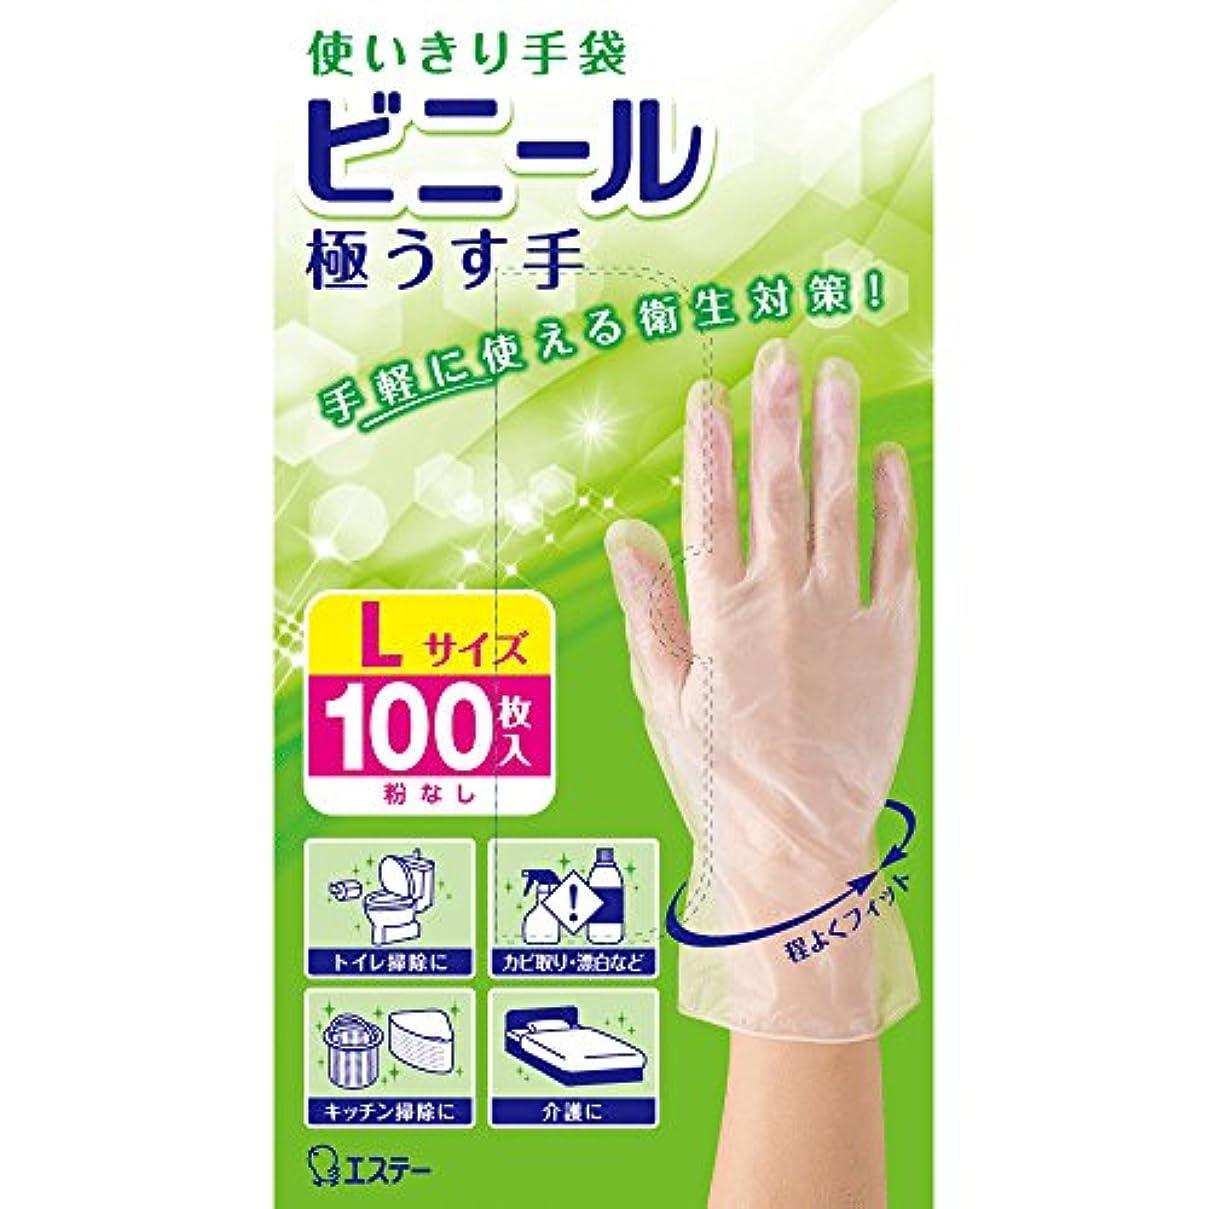 階層挨拶する打たれたトラック使いきり手袋 ビニール 極うす手 炊事?掃除用 Lサイズ 半透明 100枚